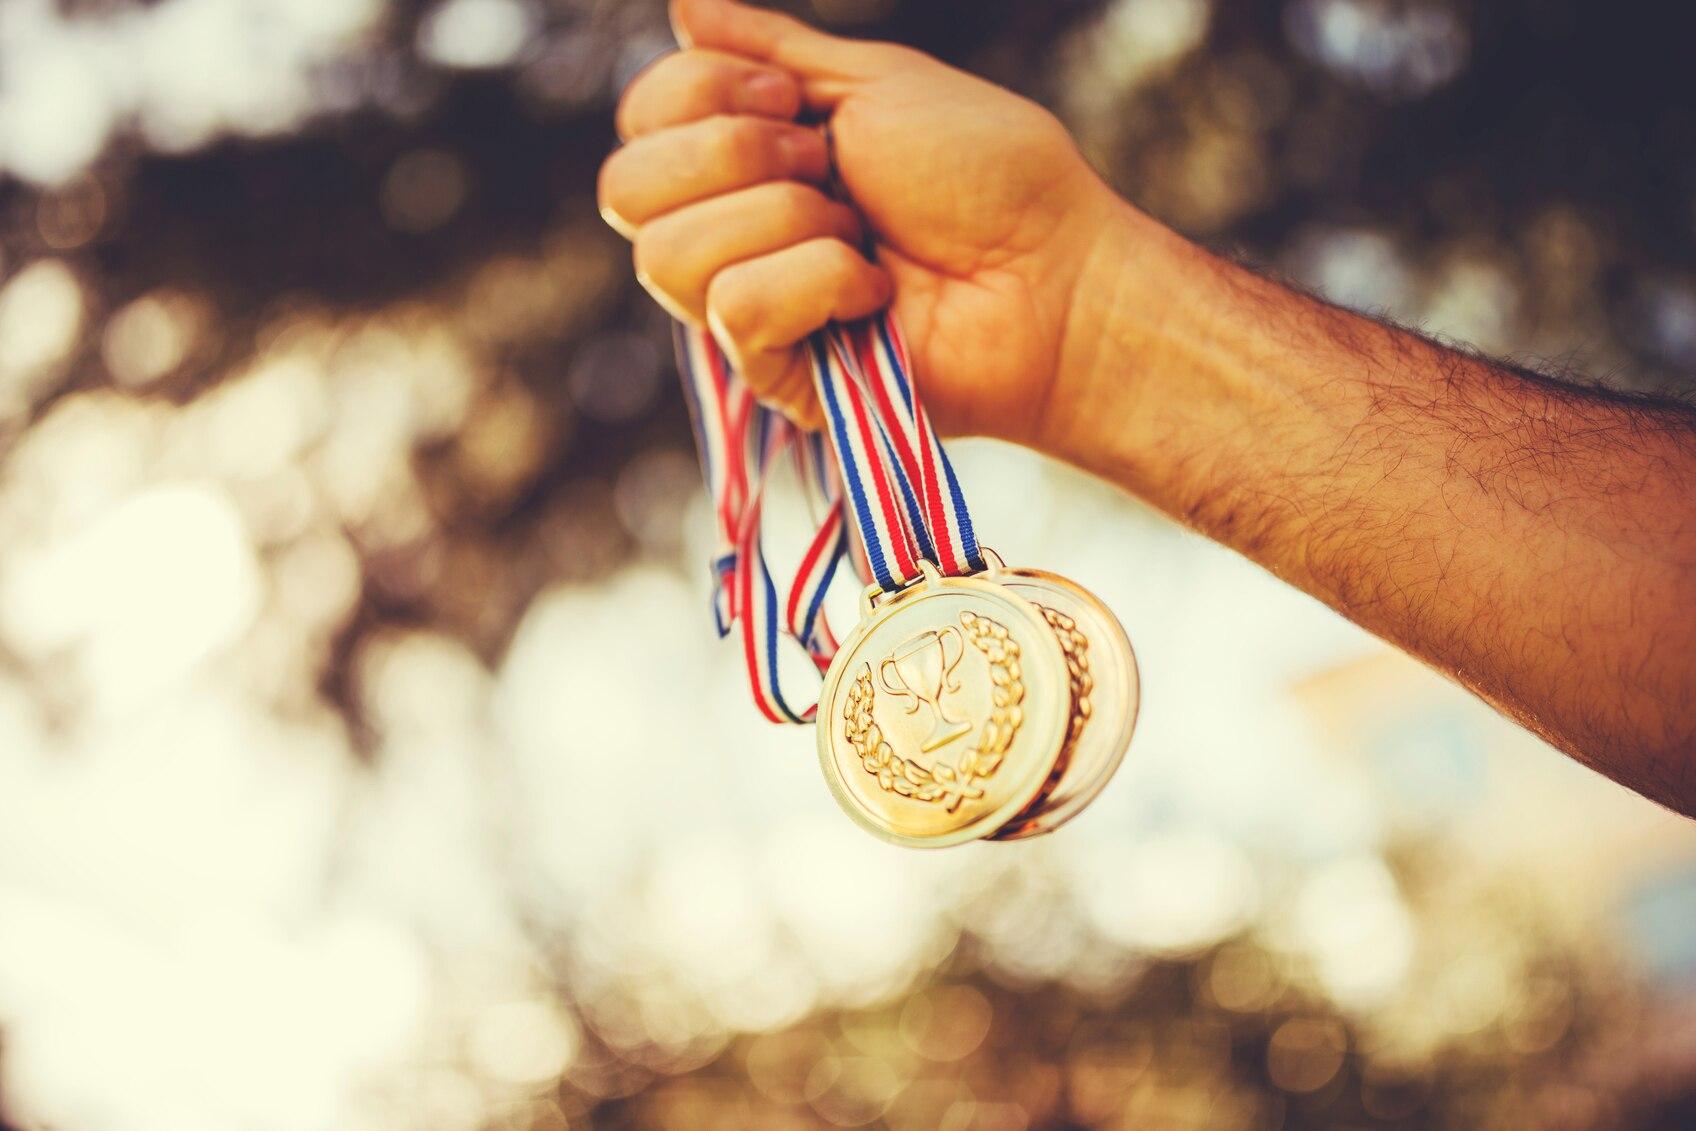 Medali Emas ASIAN Games dan Peluang Investasinya